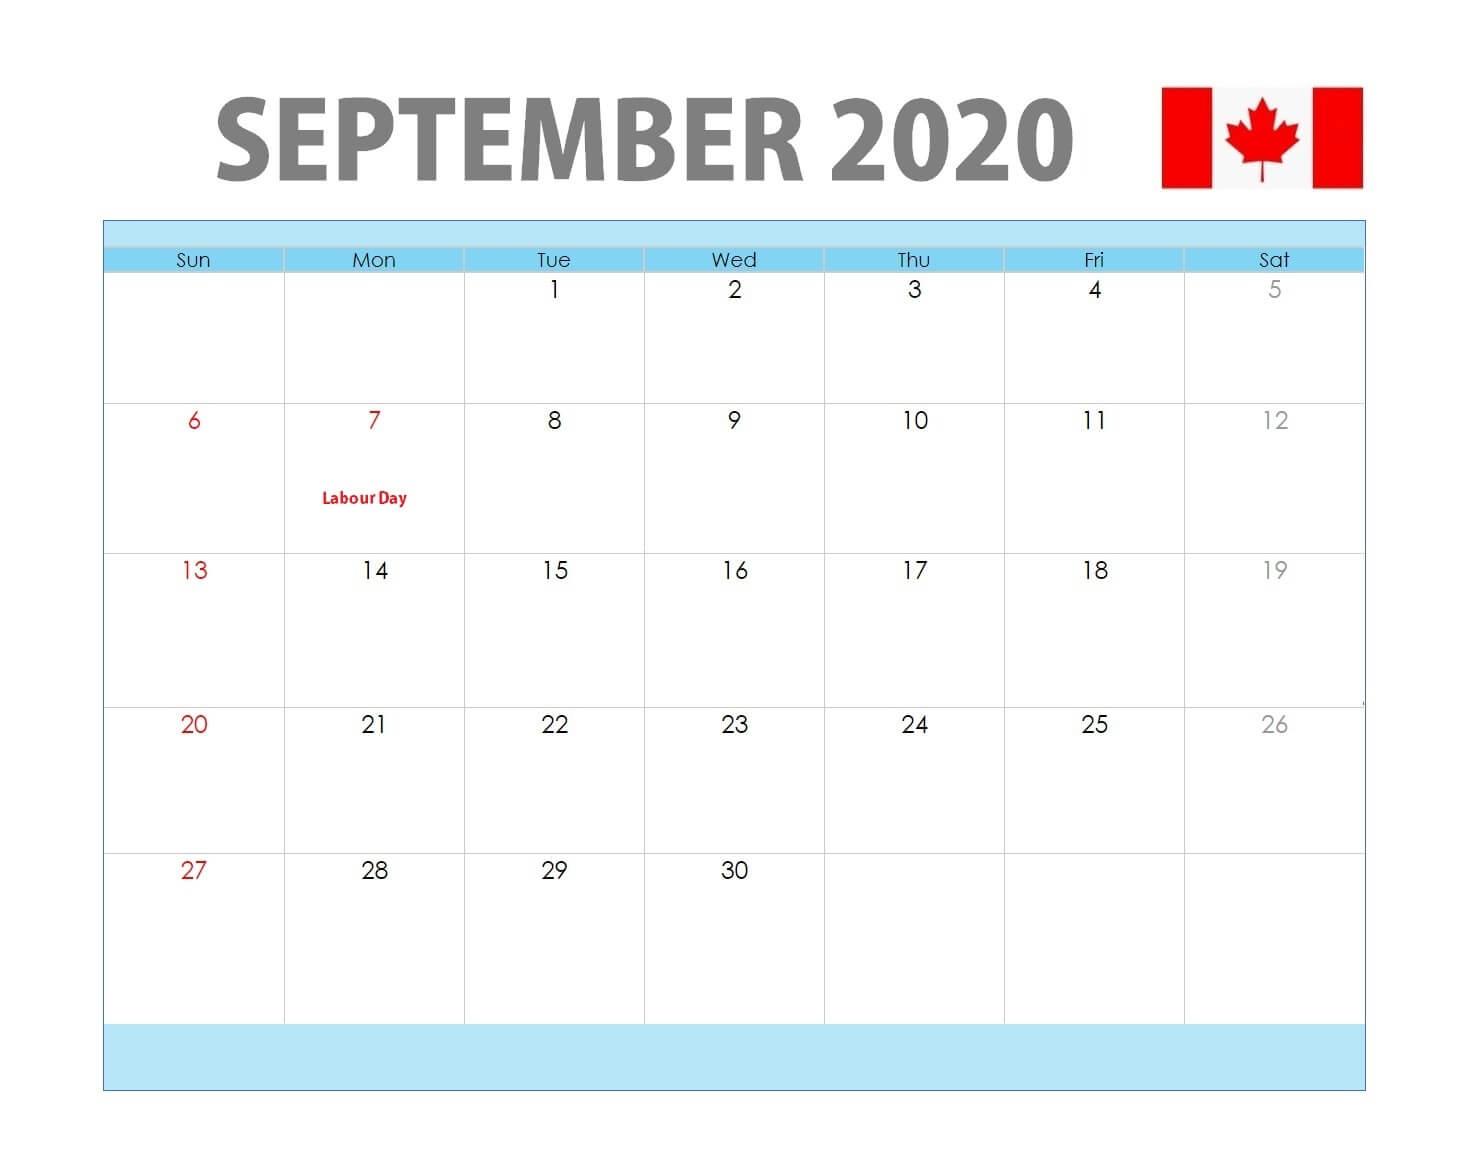 September 2020 Canada Holidays Calendar